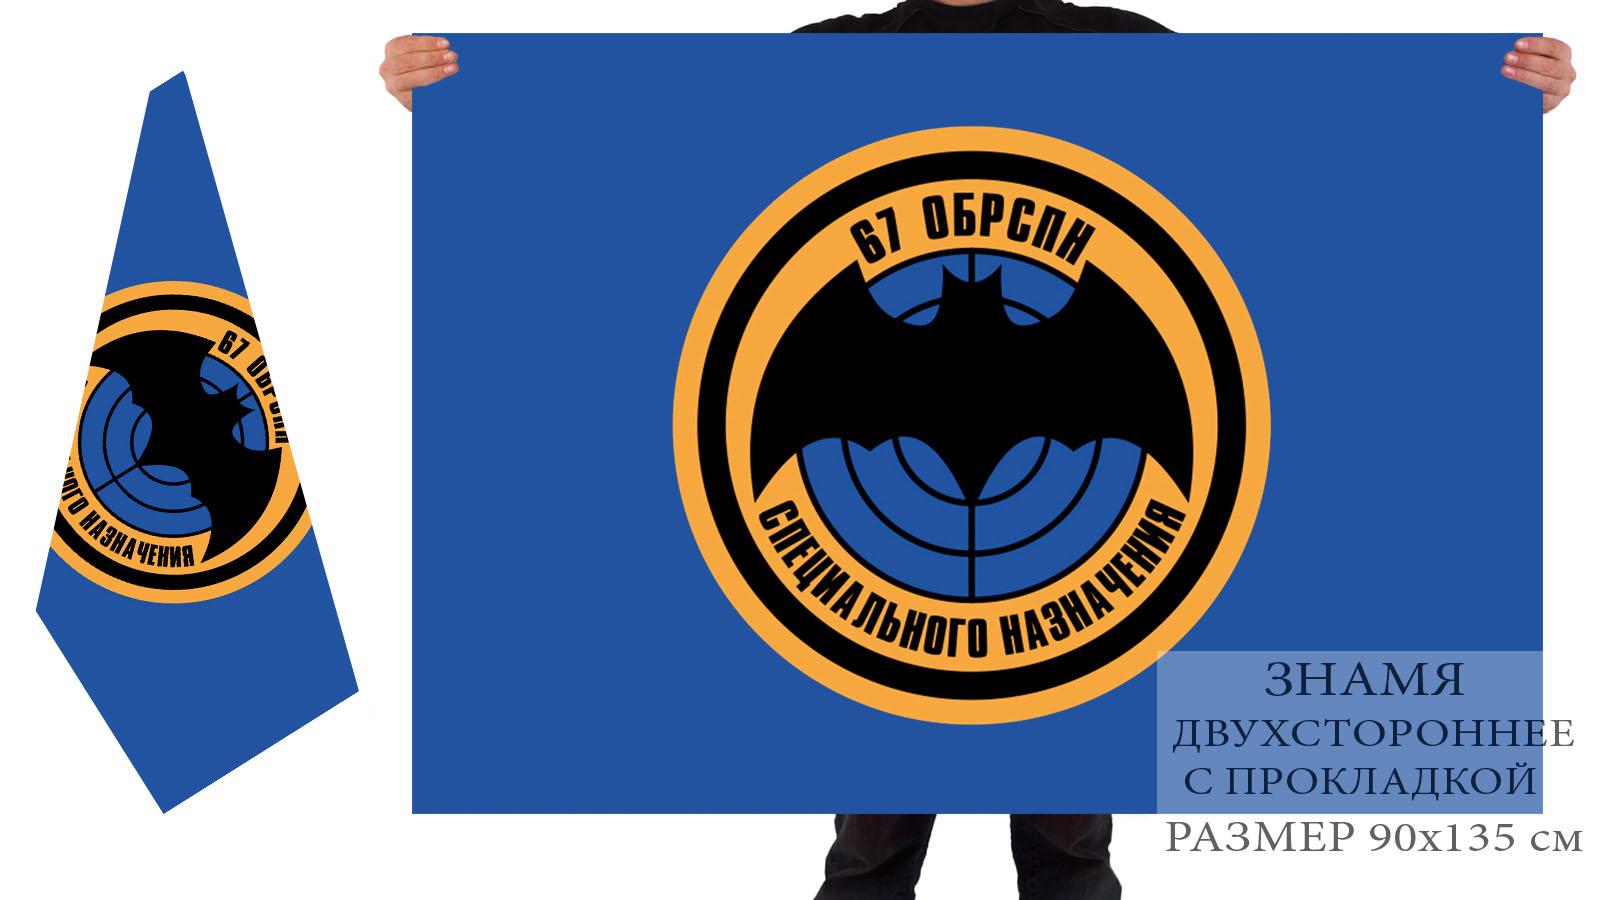 Двусторонний флаг 67 ОБРСпН спецназа ГРУ